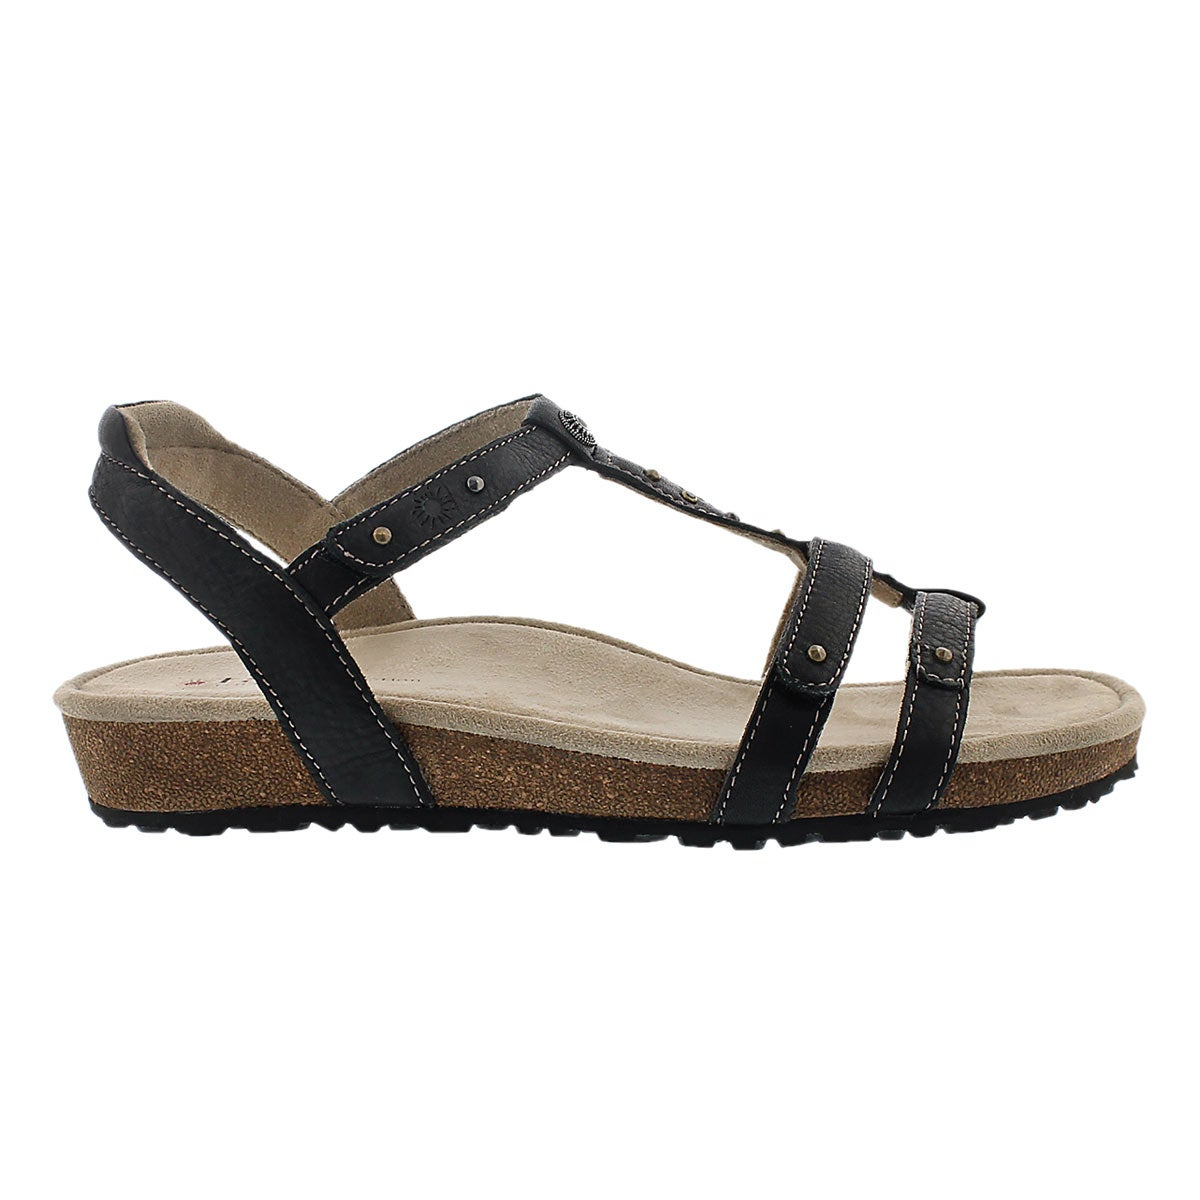 Sandale compens�e Thelma, noir, femmes